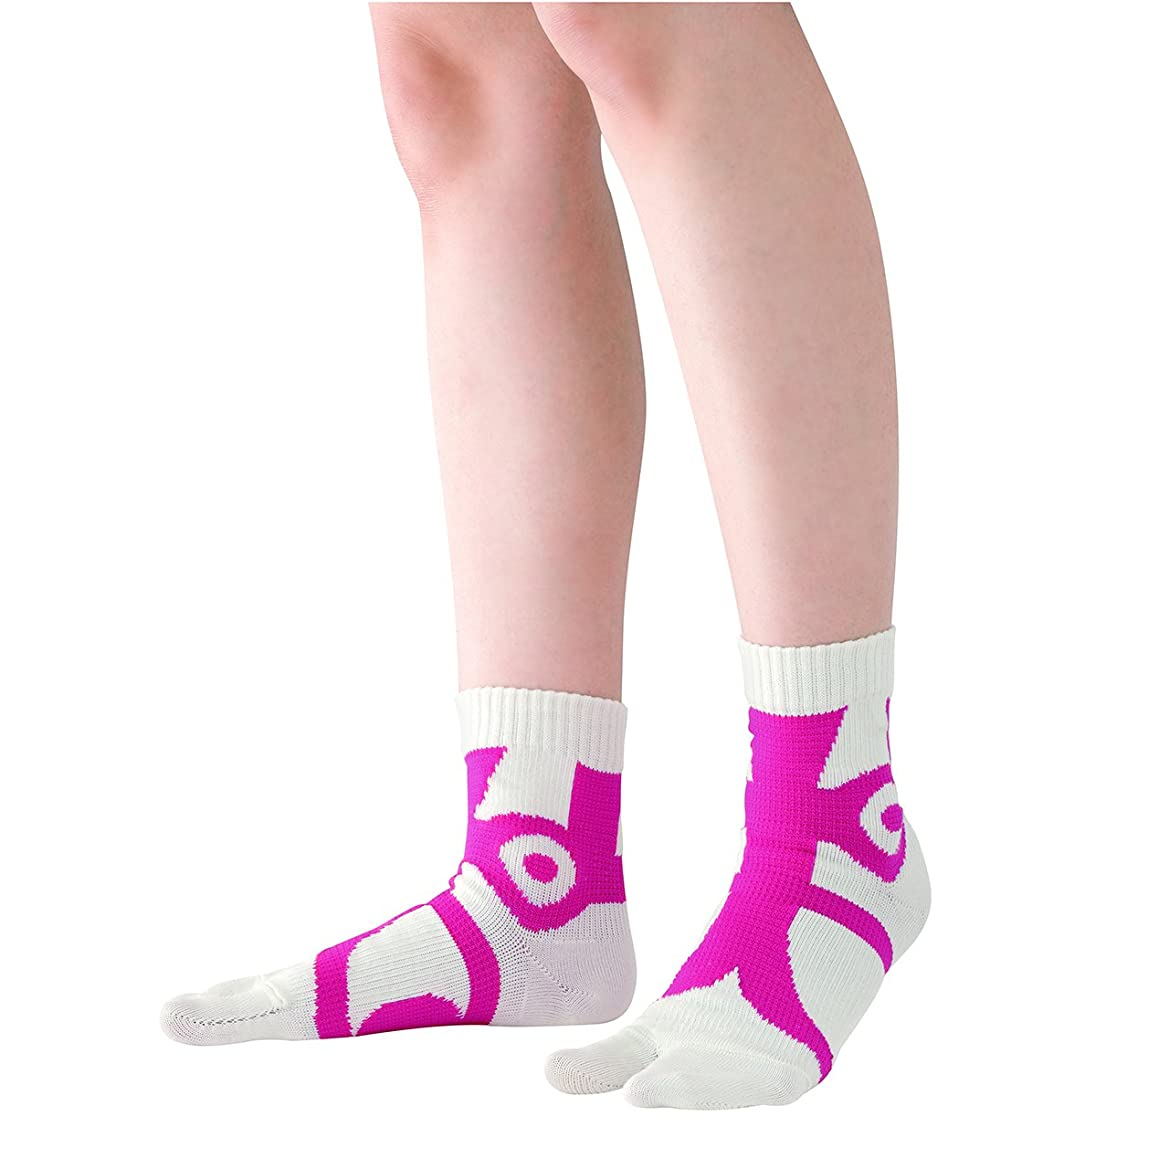 別に偶然の独特の快歩テーピング靴下 ホワイト×ピンク